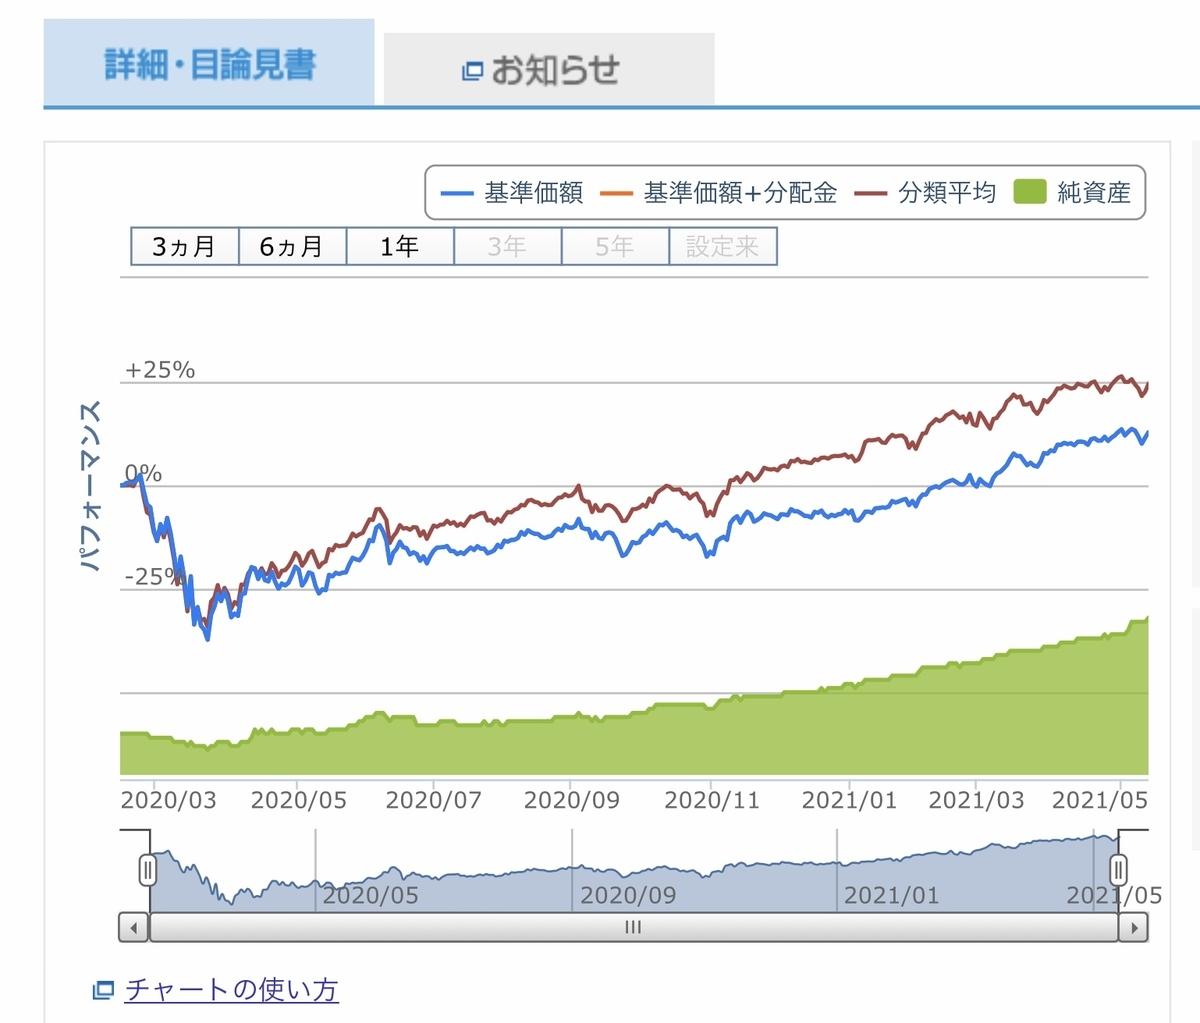 f:id:US-Stocks:20210518165421j:plain